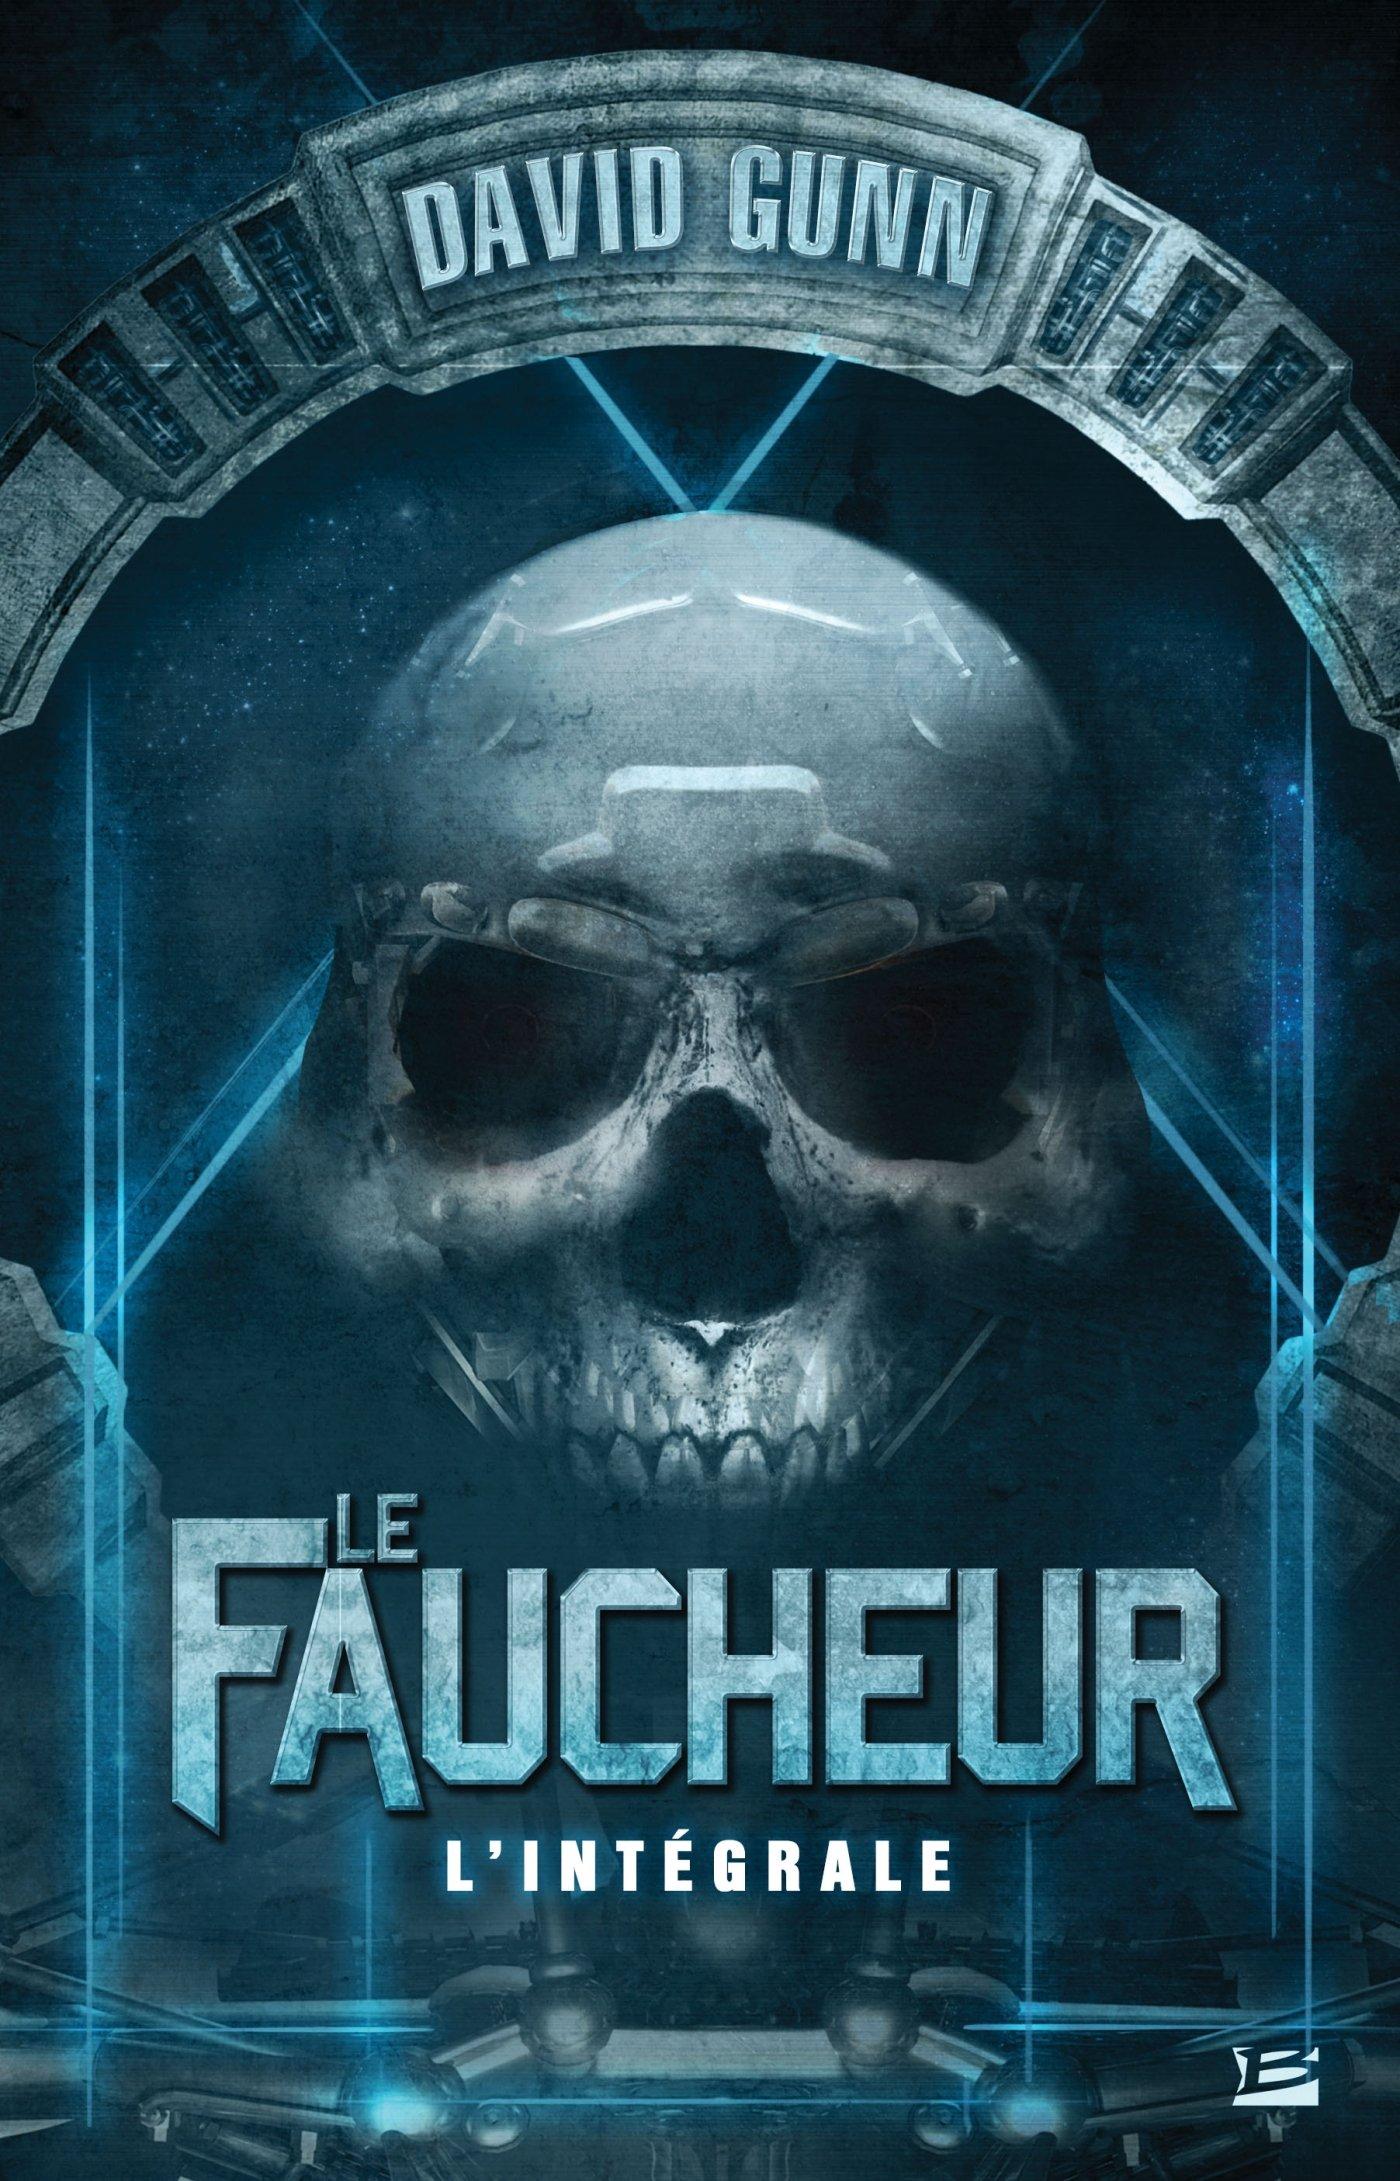 Le Faucheur, L'Intégrale 81KNB0v4kEL